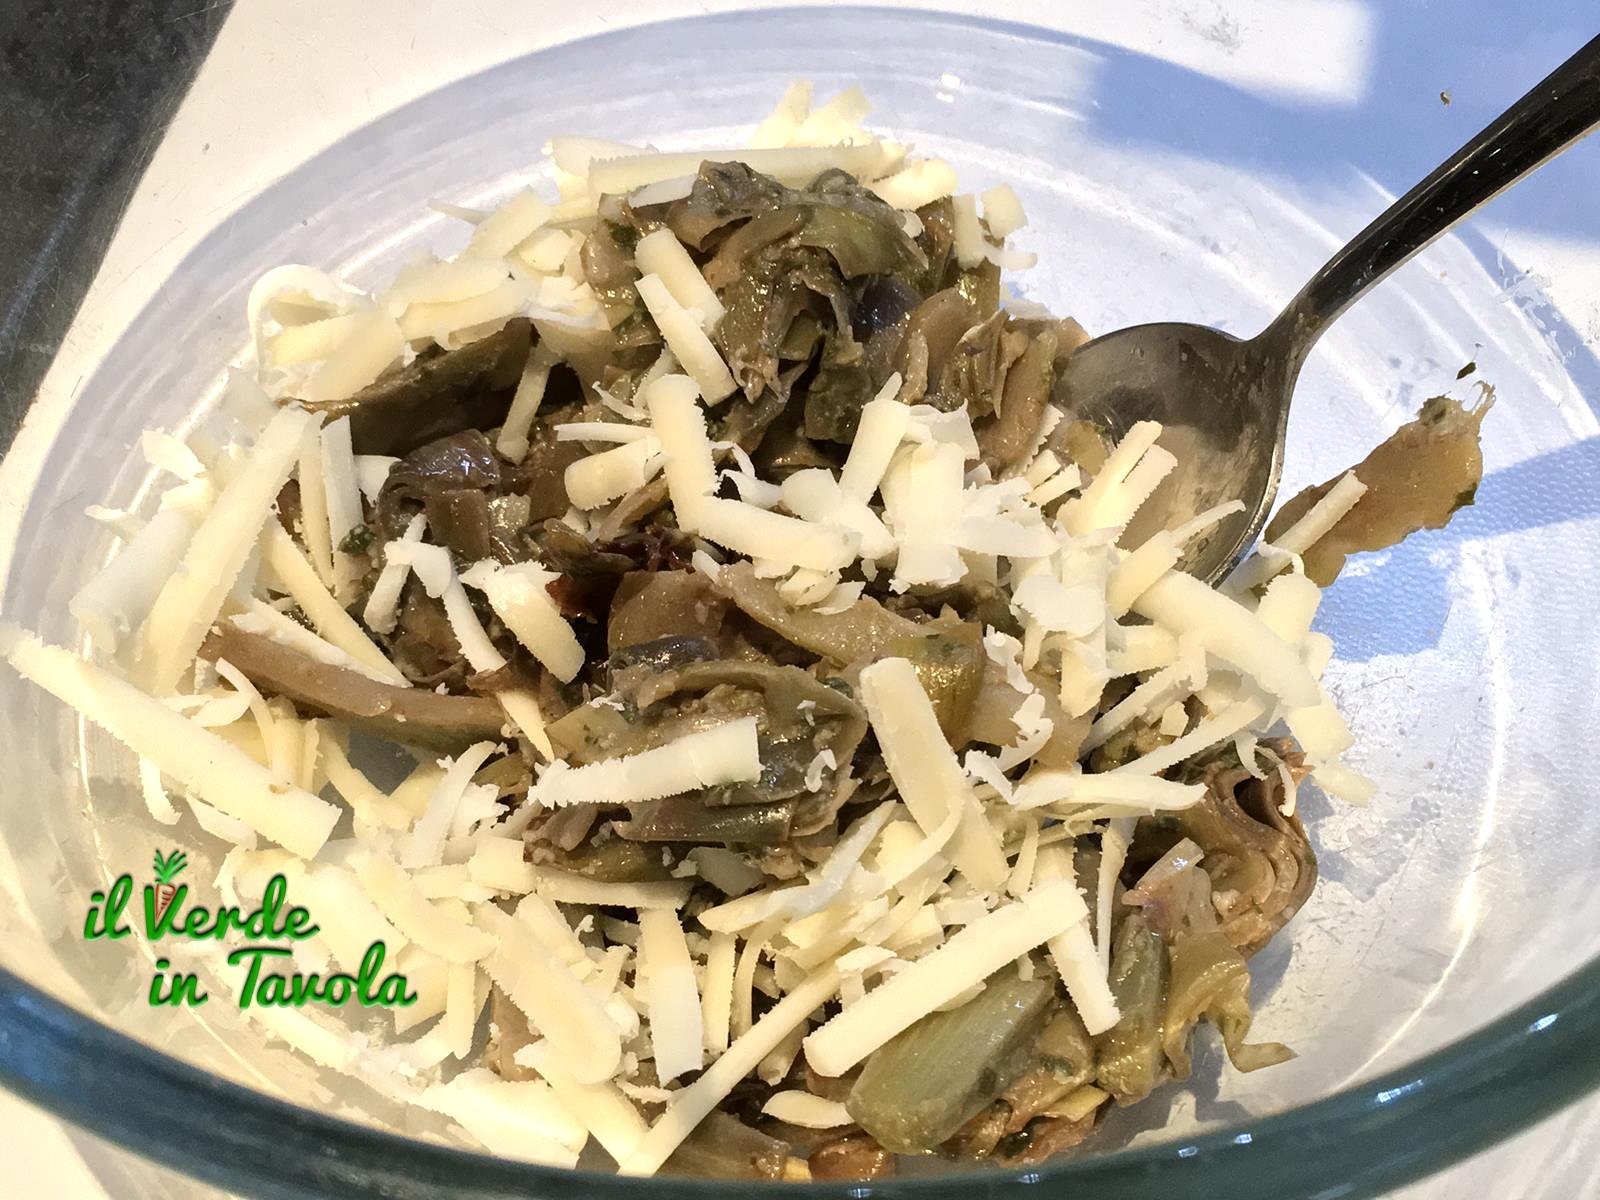 mescolate ai carciofi 2/3 del provolone